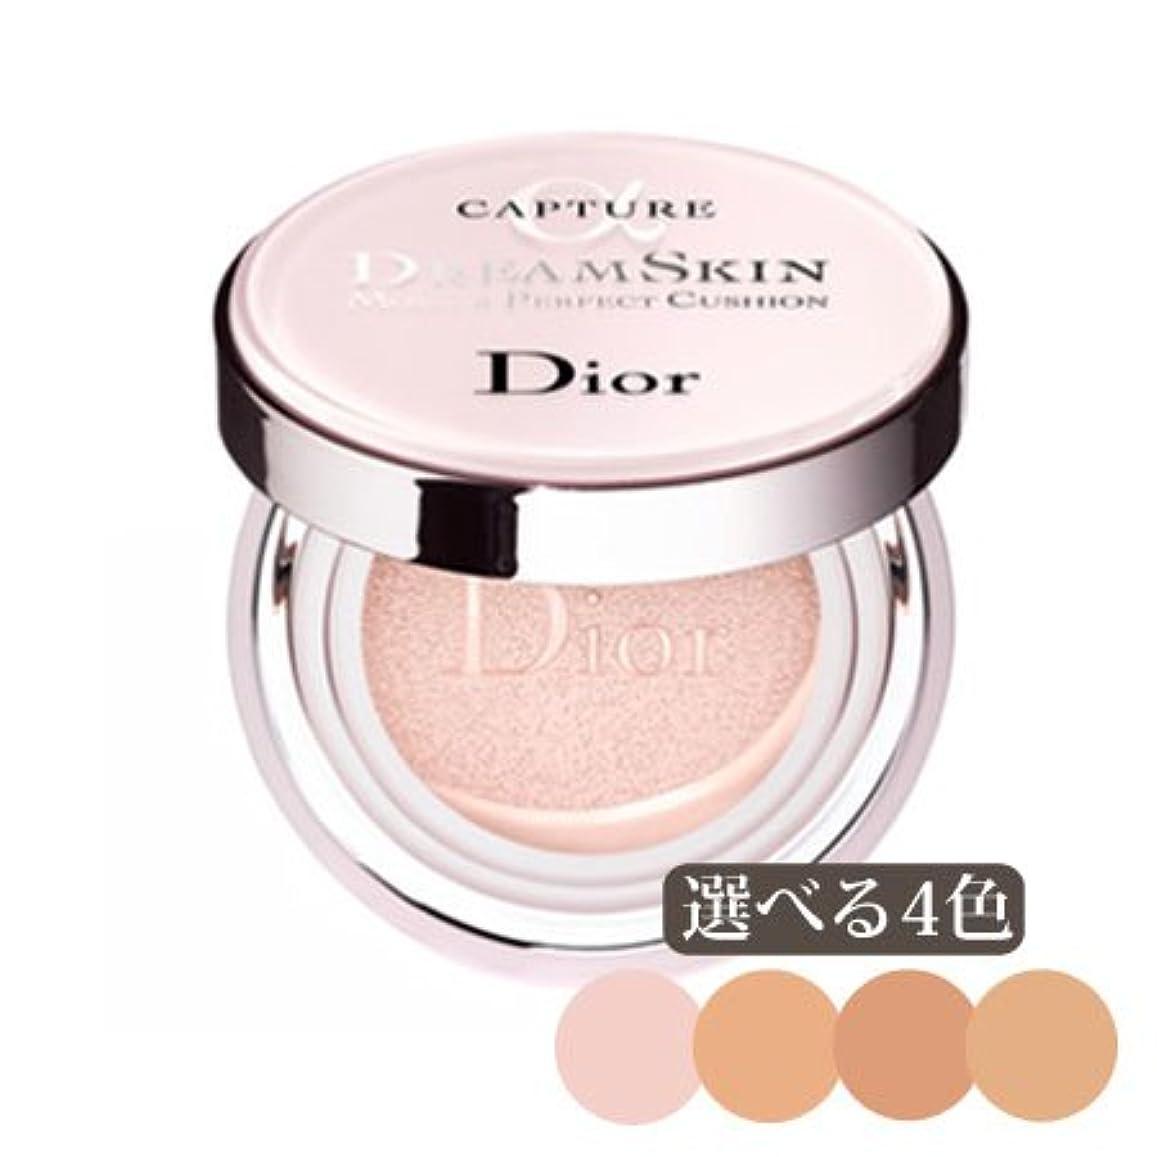 放つ定数揃えるディオール カプチュール ドリームスキン モイスト クッション 選べる4色 -Dior- 012